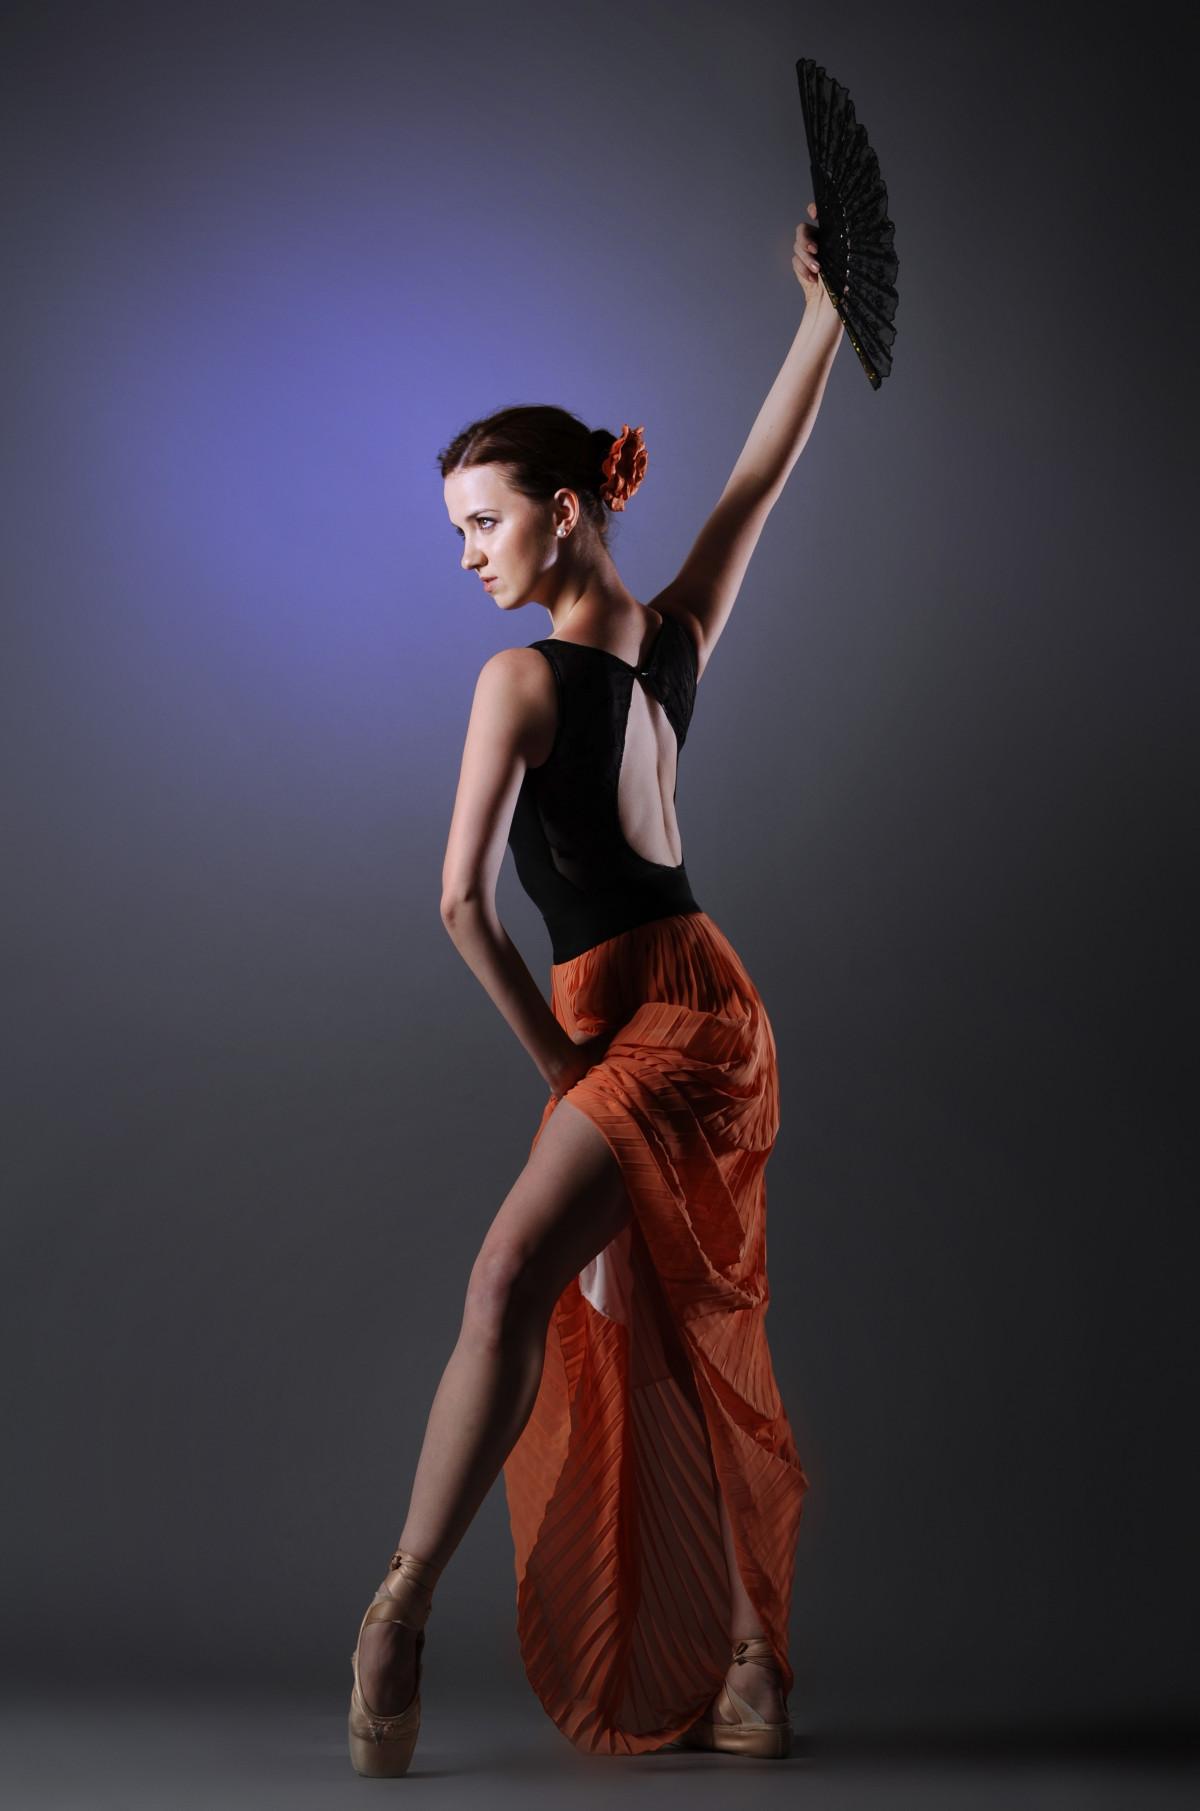 Танцует молодая девушка